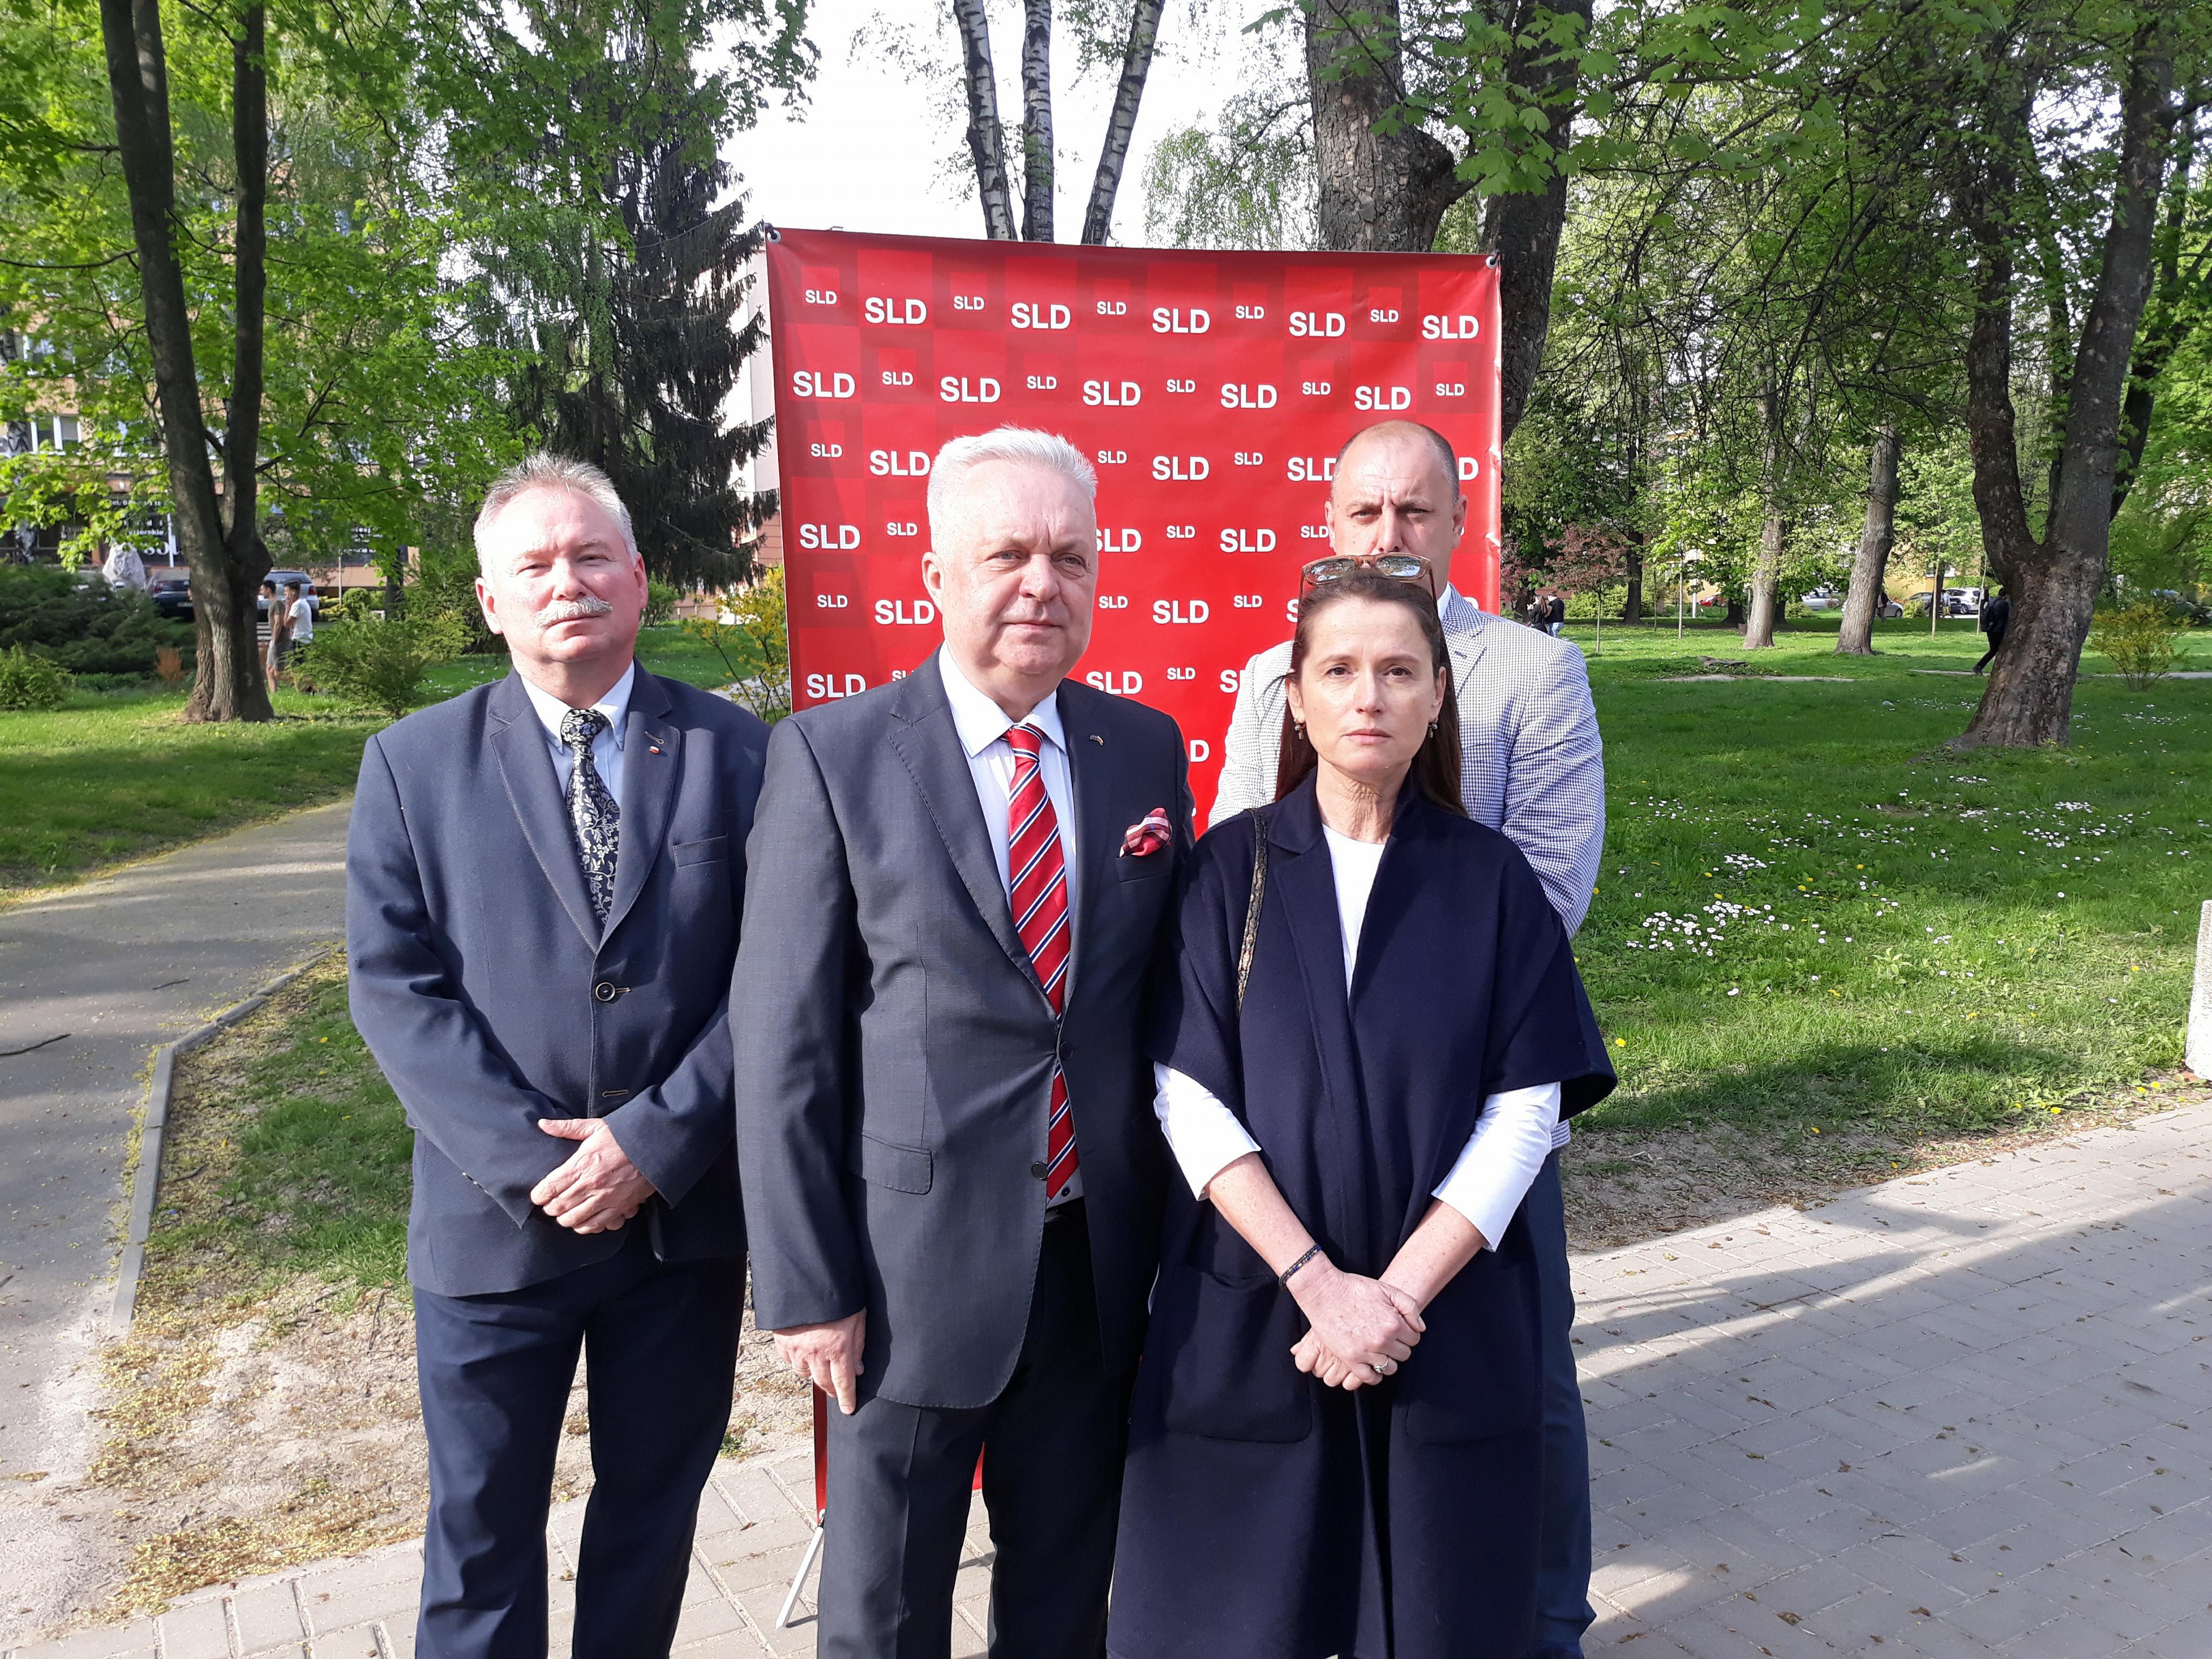 Sojusz Lewicy Demokratycznej nie ustaje w walce z zawetowaną przez prezydenta Andrzeja Dudę tzw. ustawą degradacyjną.